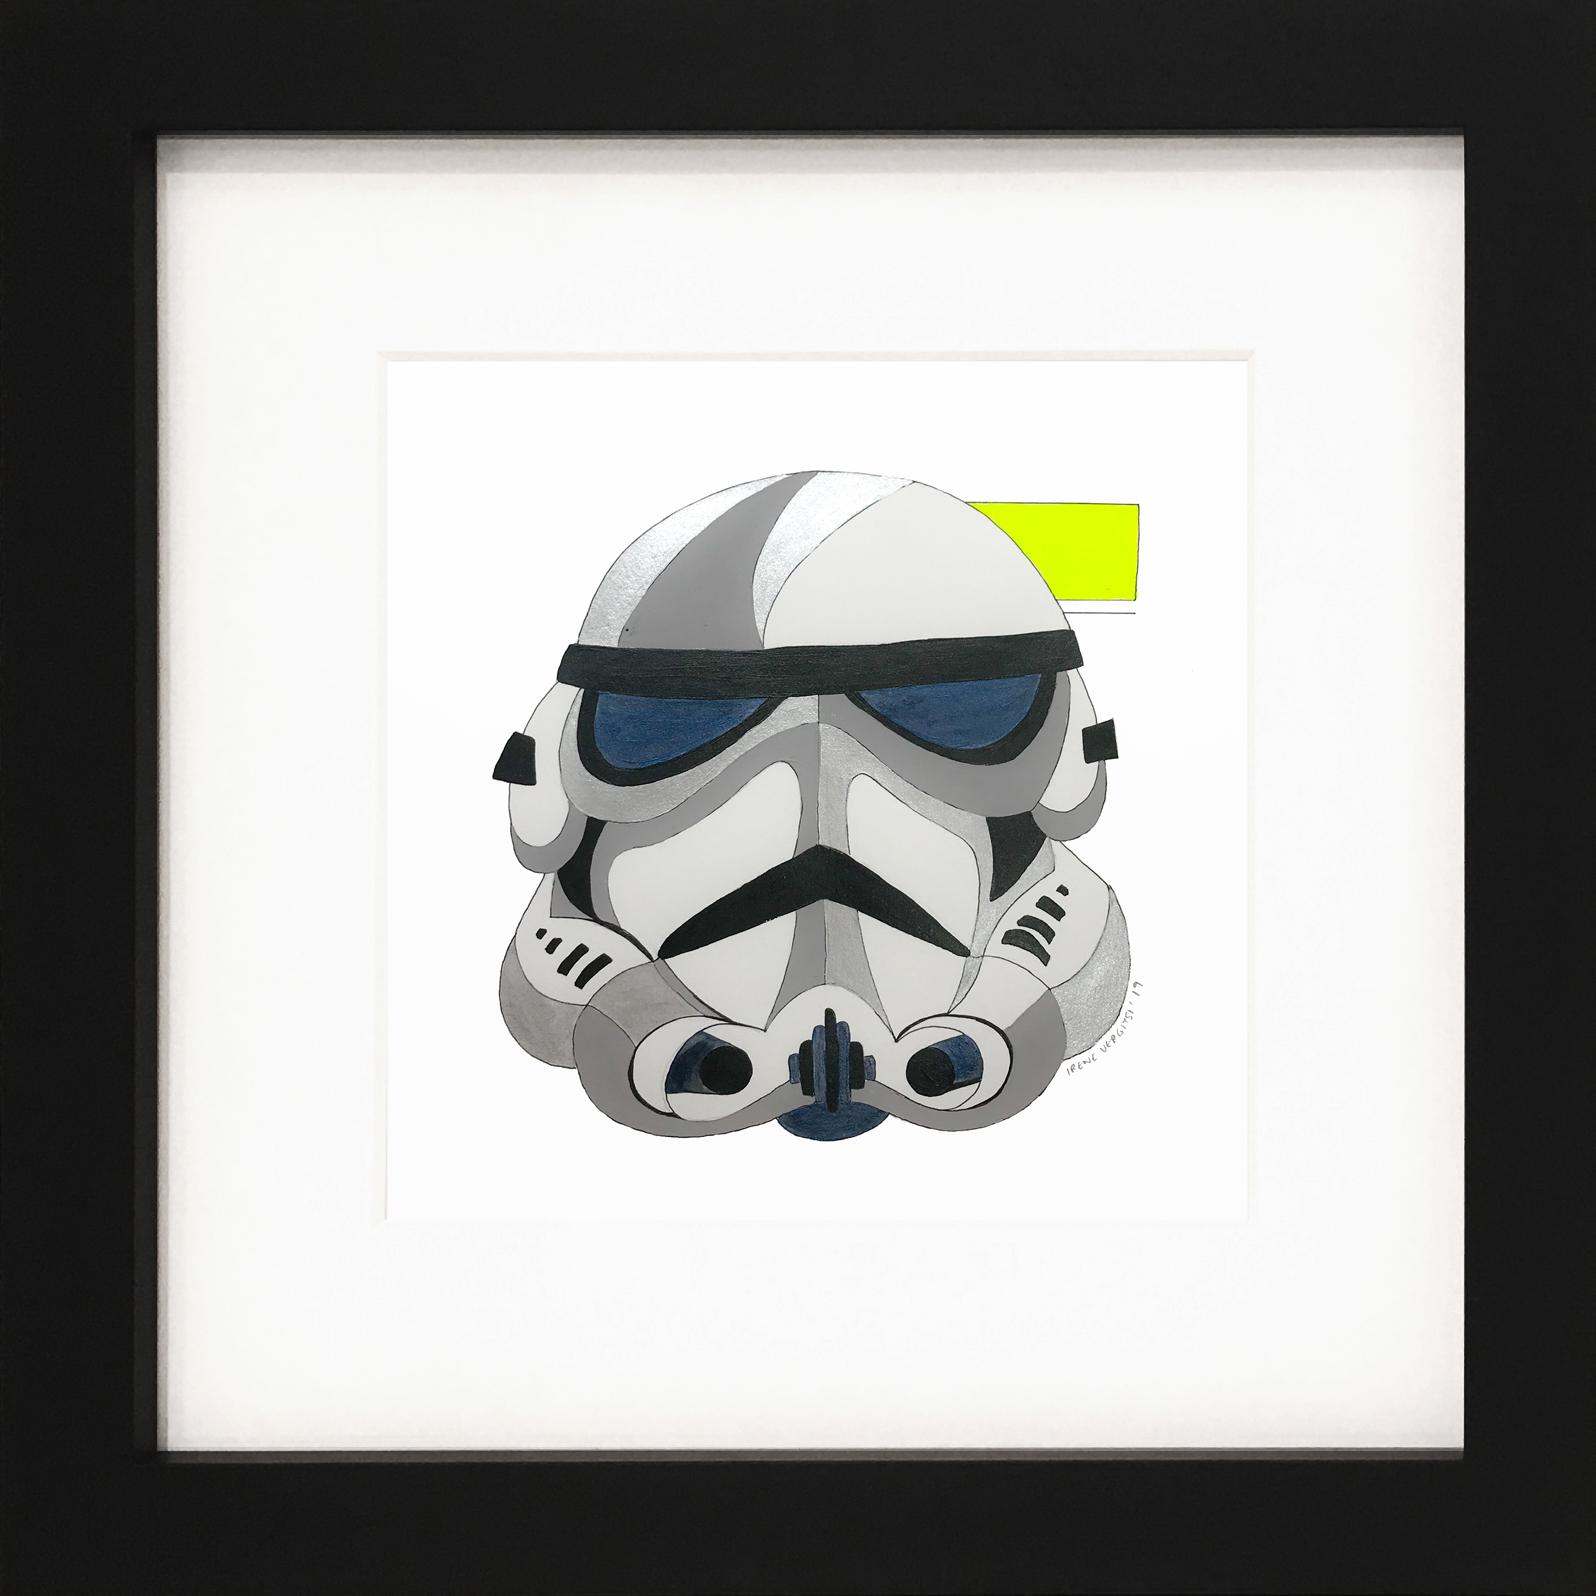 (Finn) 1 in frame